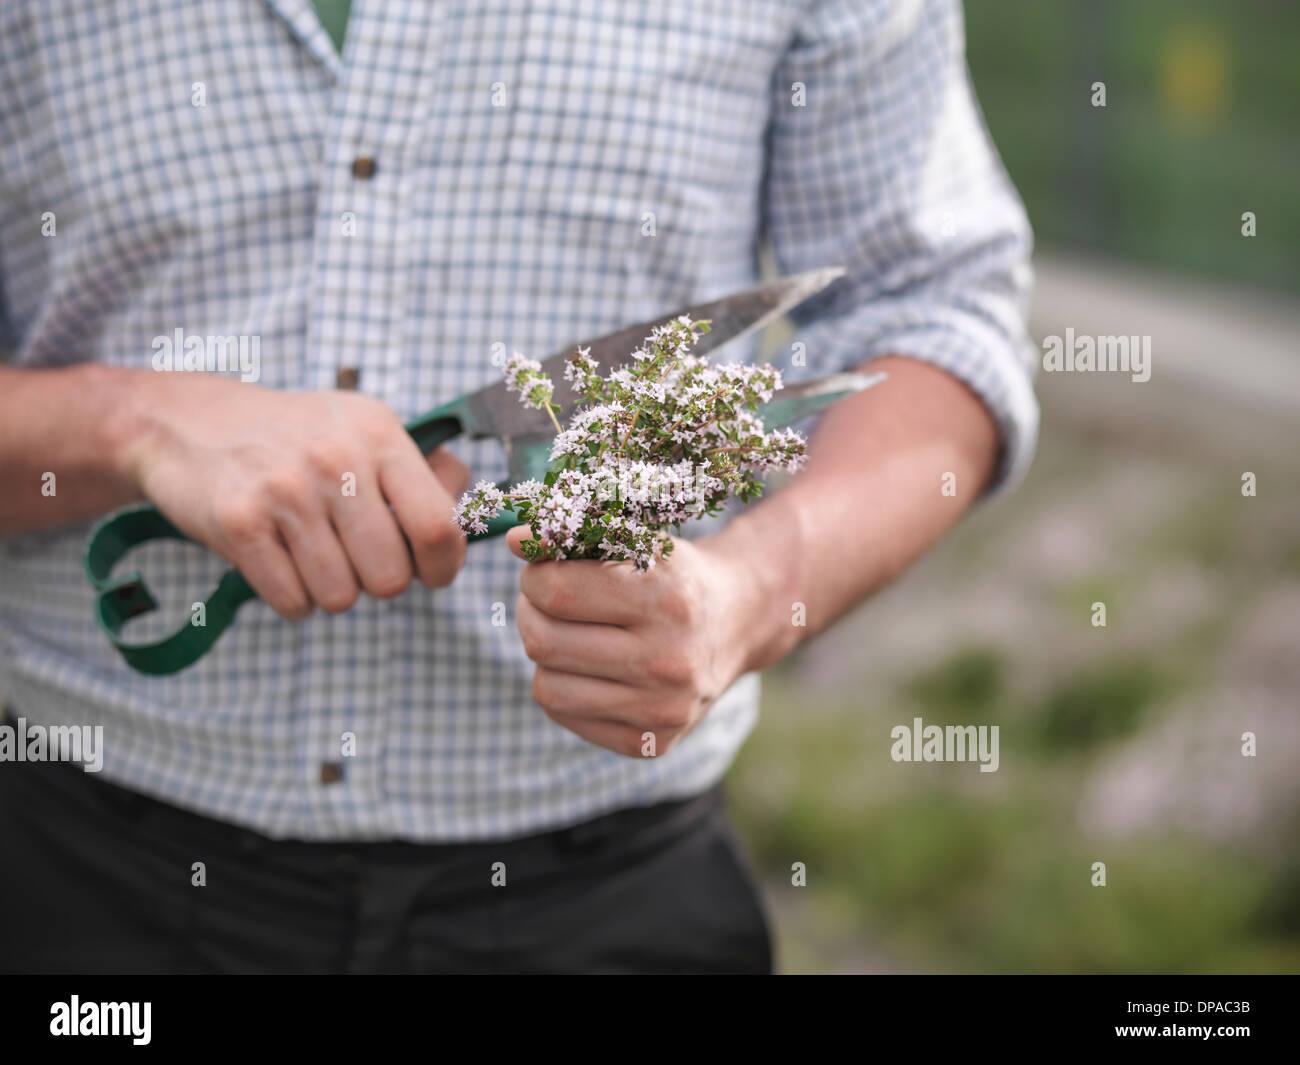 Man trimming fresh thyme - Stock Image